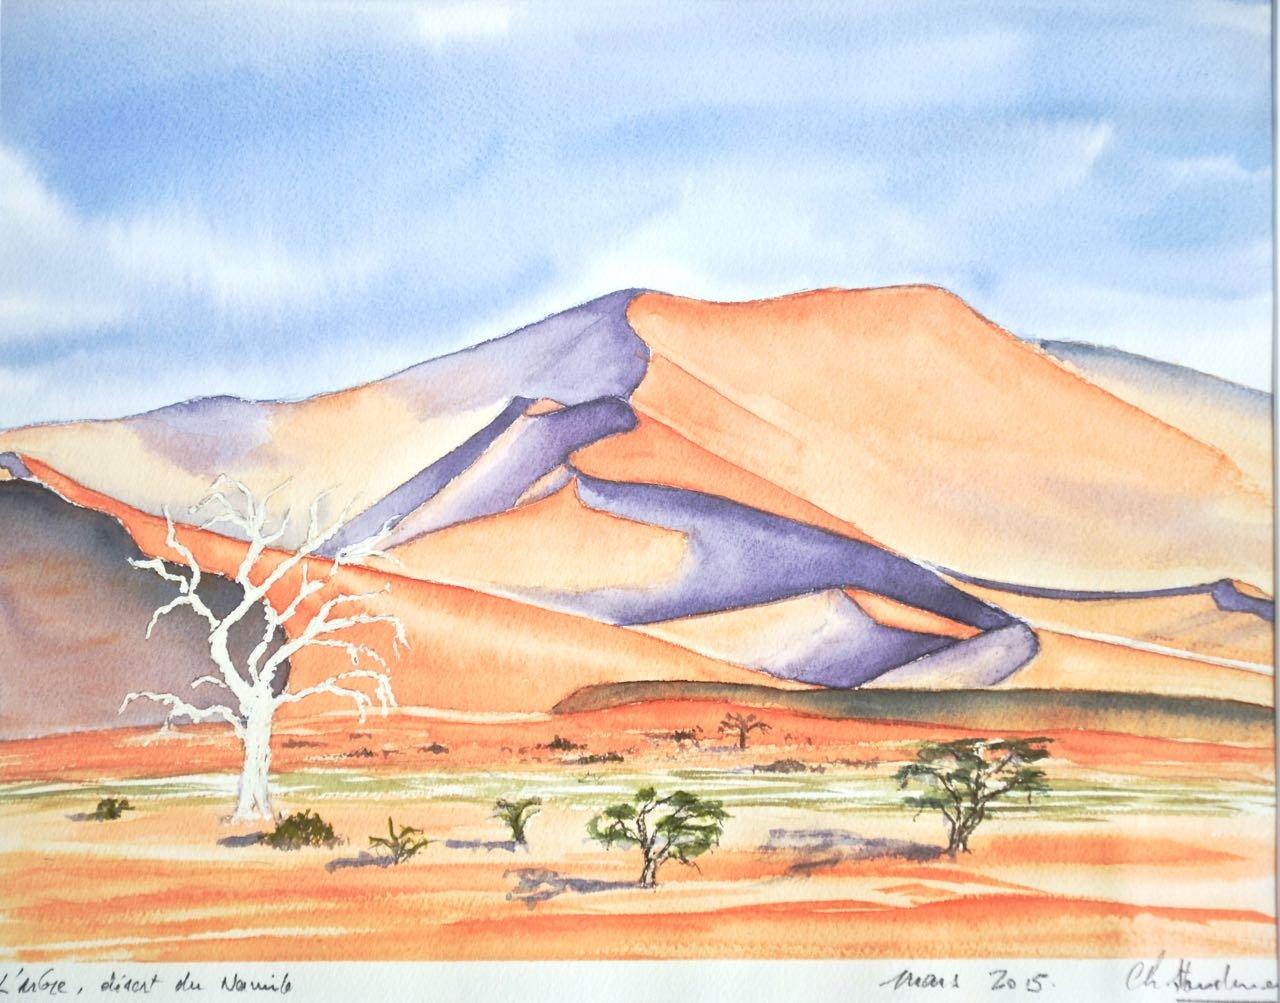 Non disponible / Arbre solitaire, Sossusvlei, désert du Namib